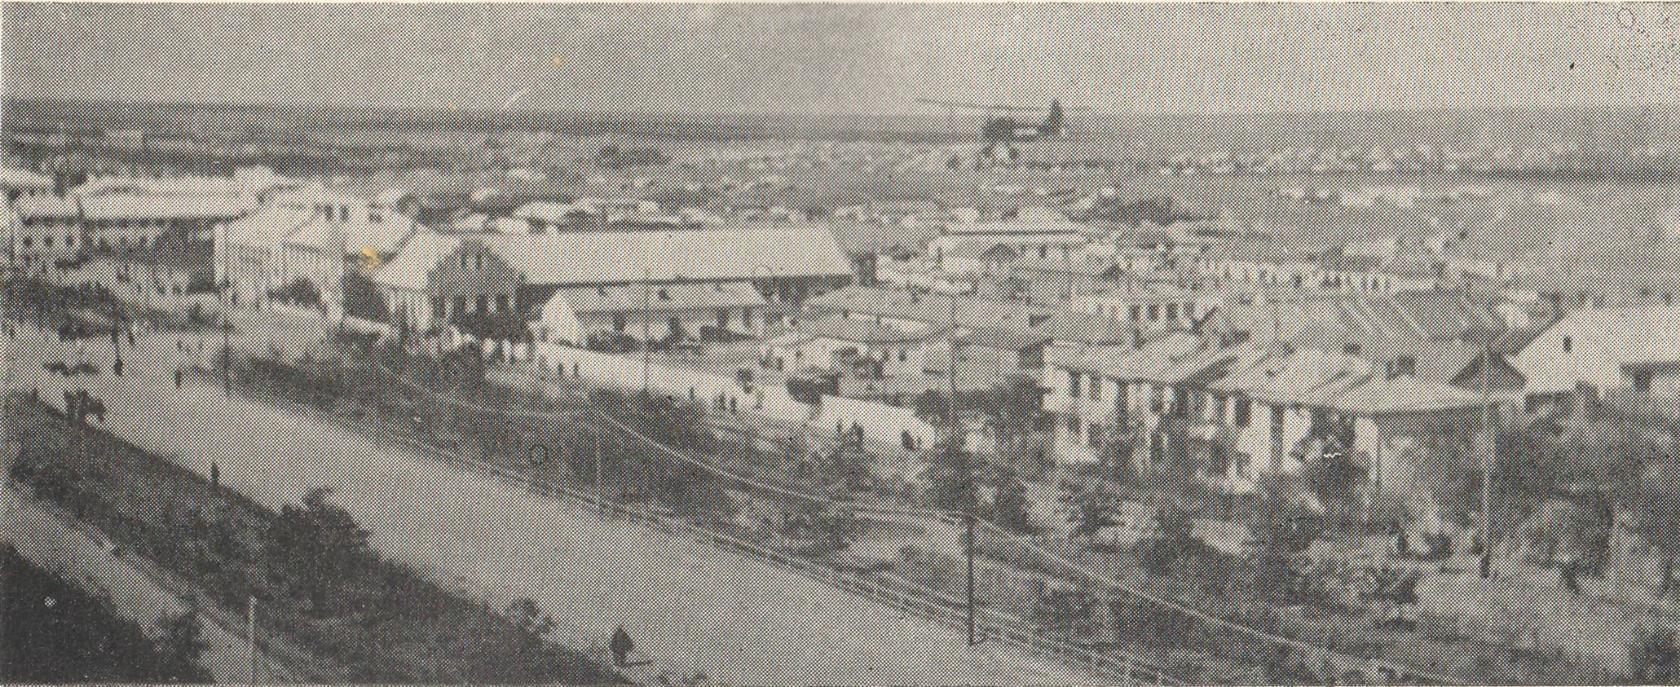 Улица Астраханская (ныне Ленина). 1941 год